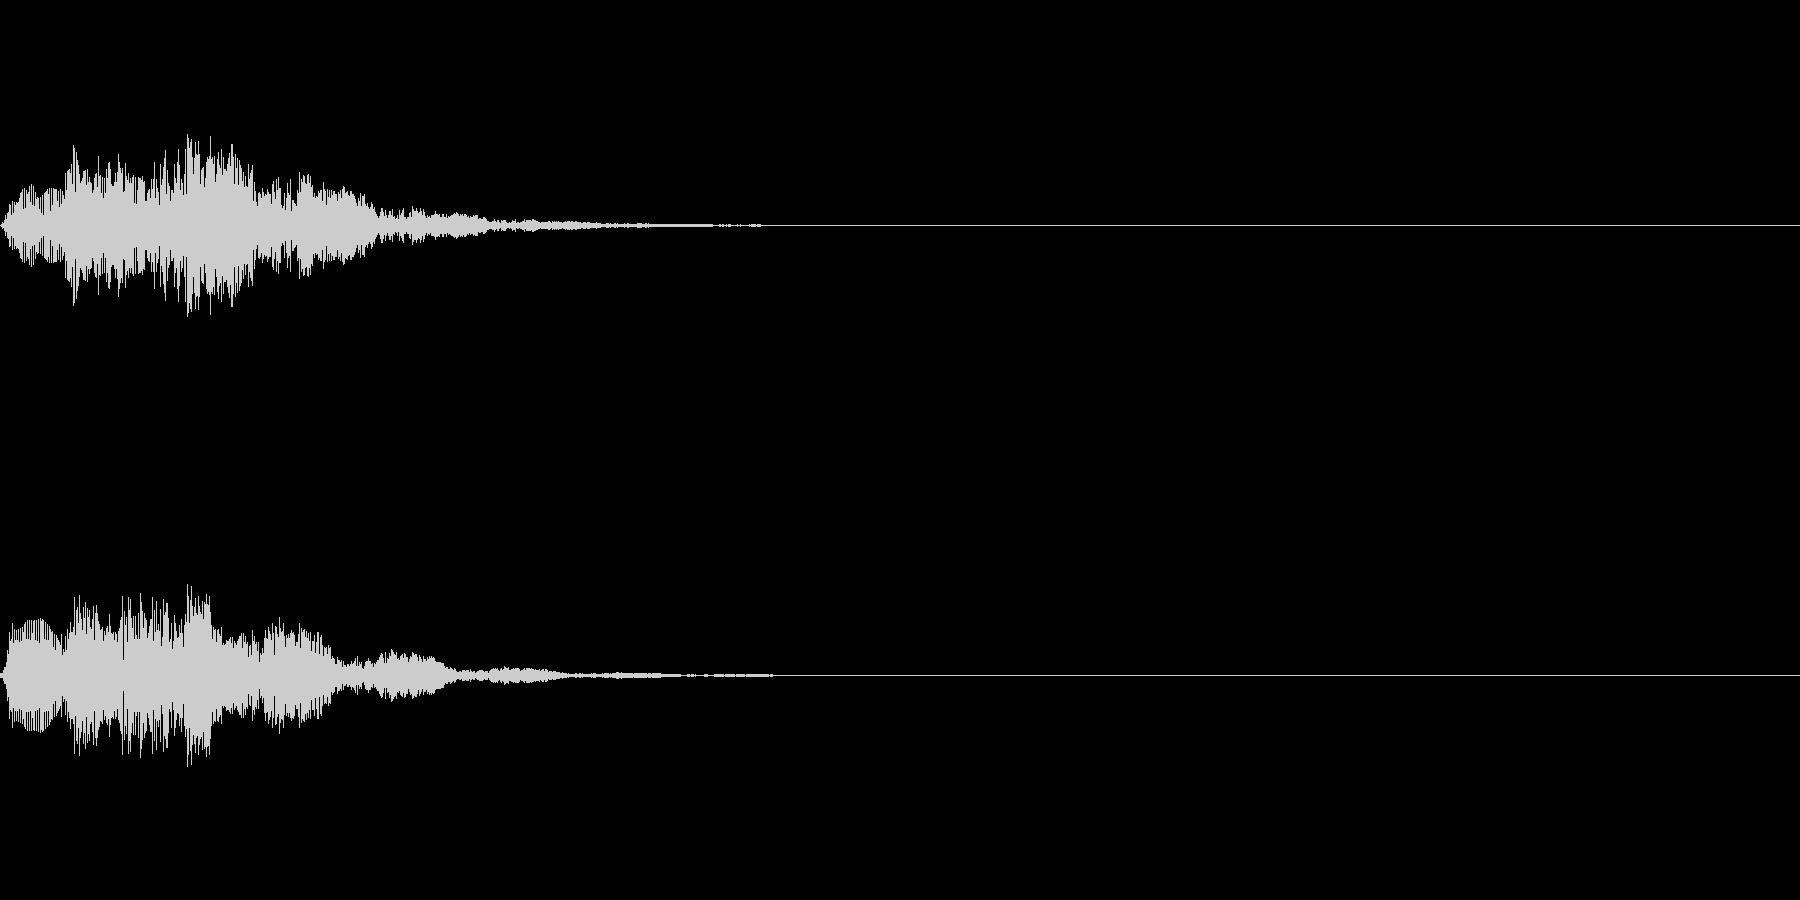 ピロリロン ゲームアプリ起動音スタート音の未再生の波形